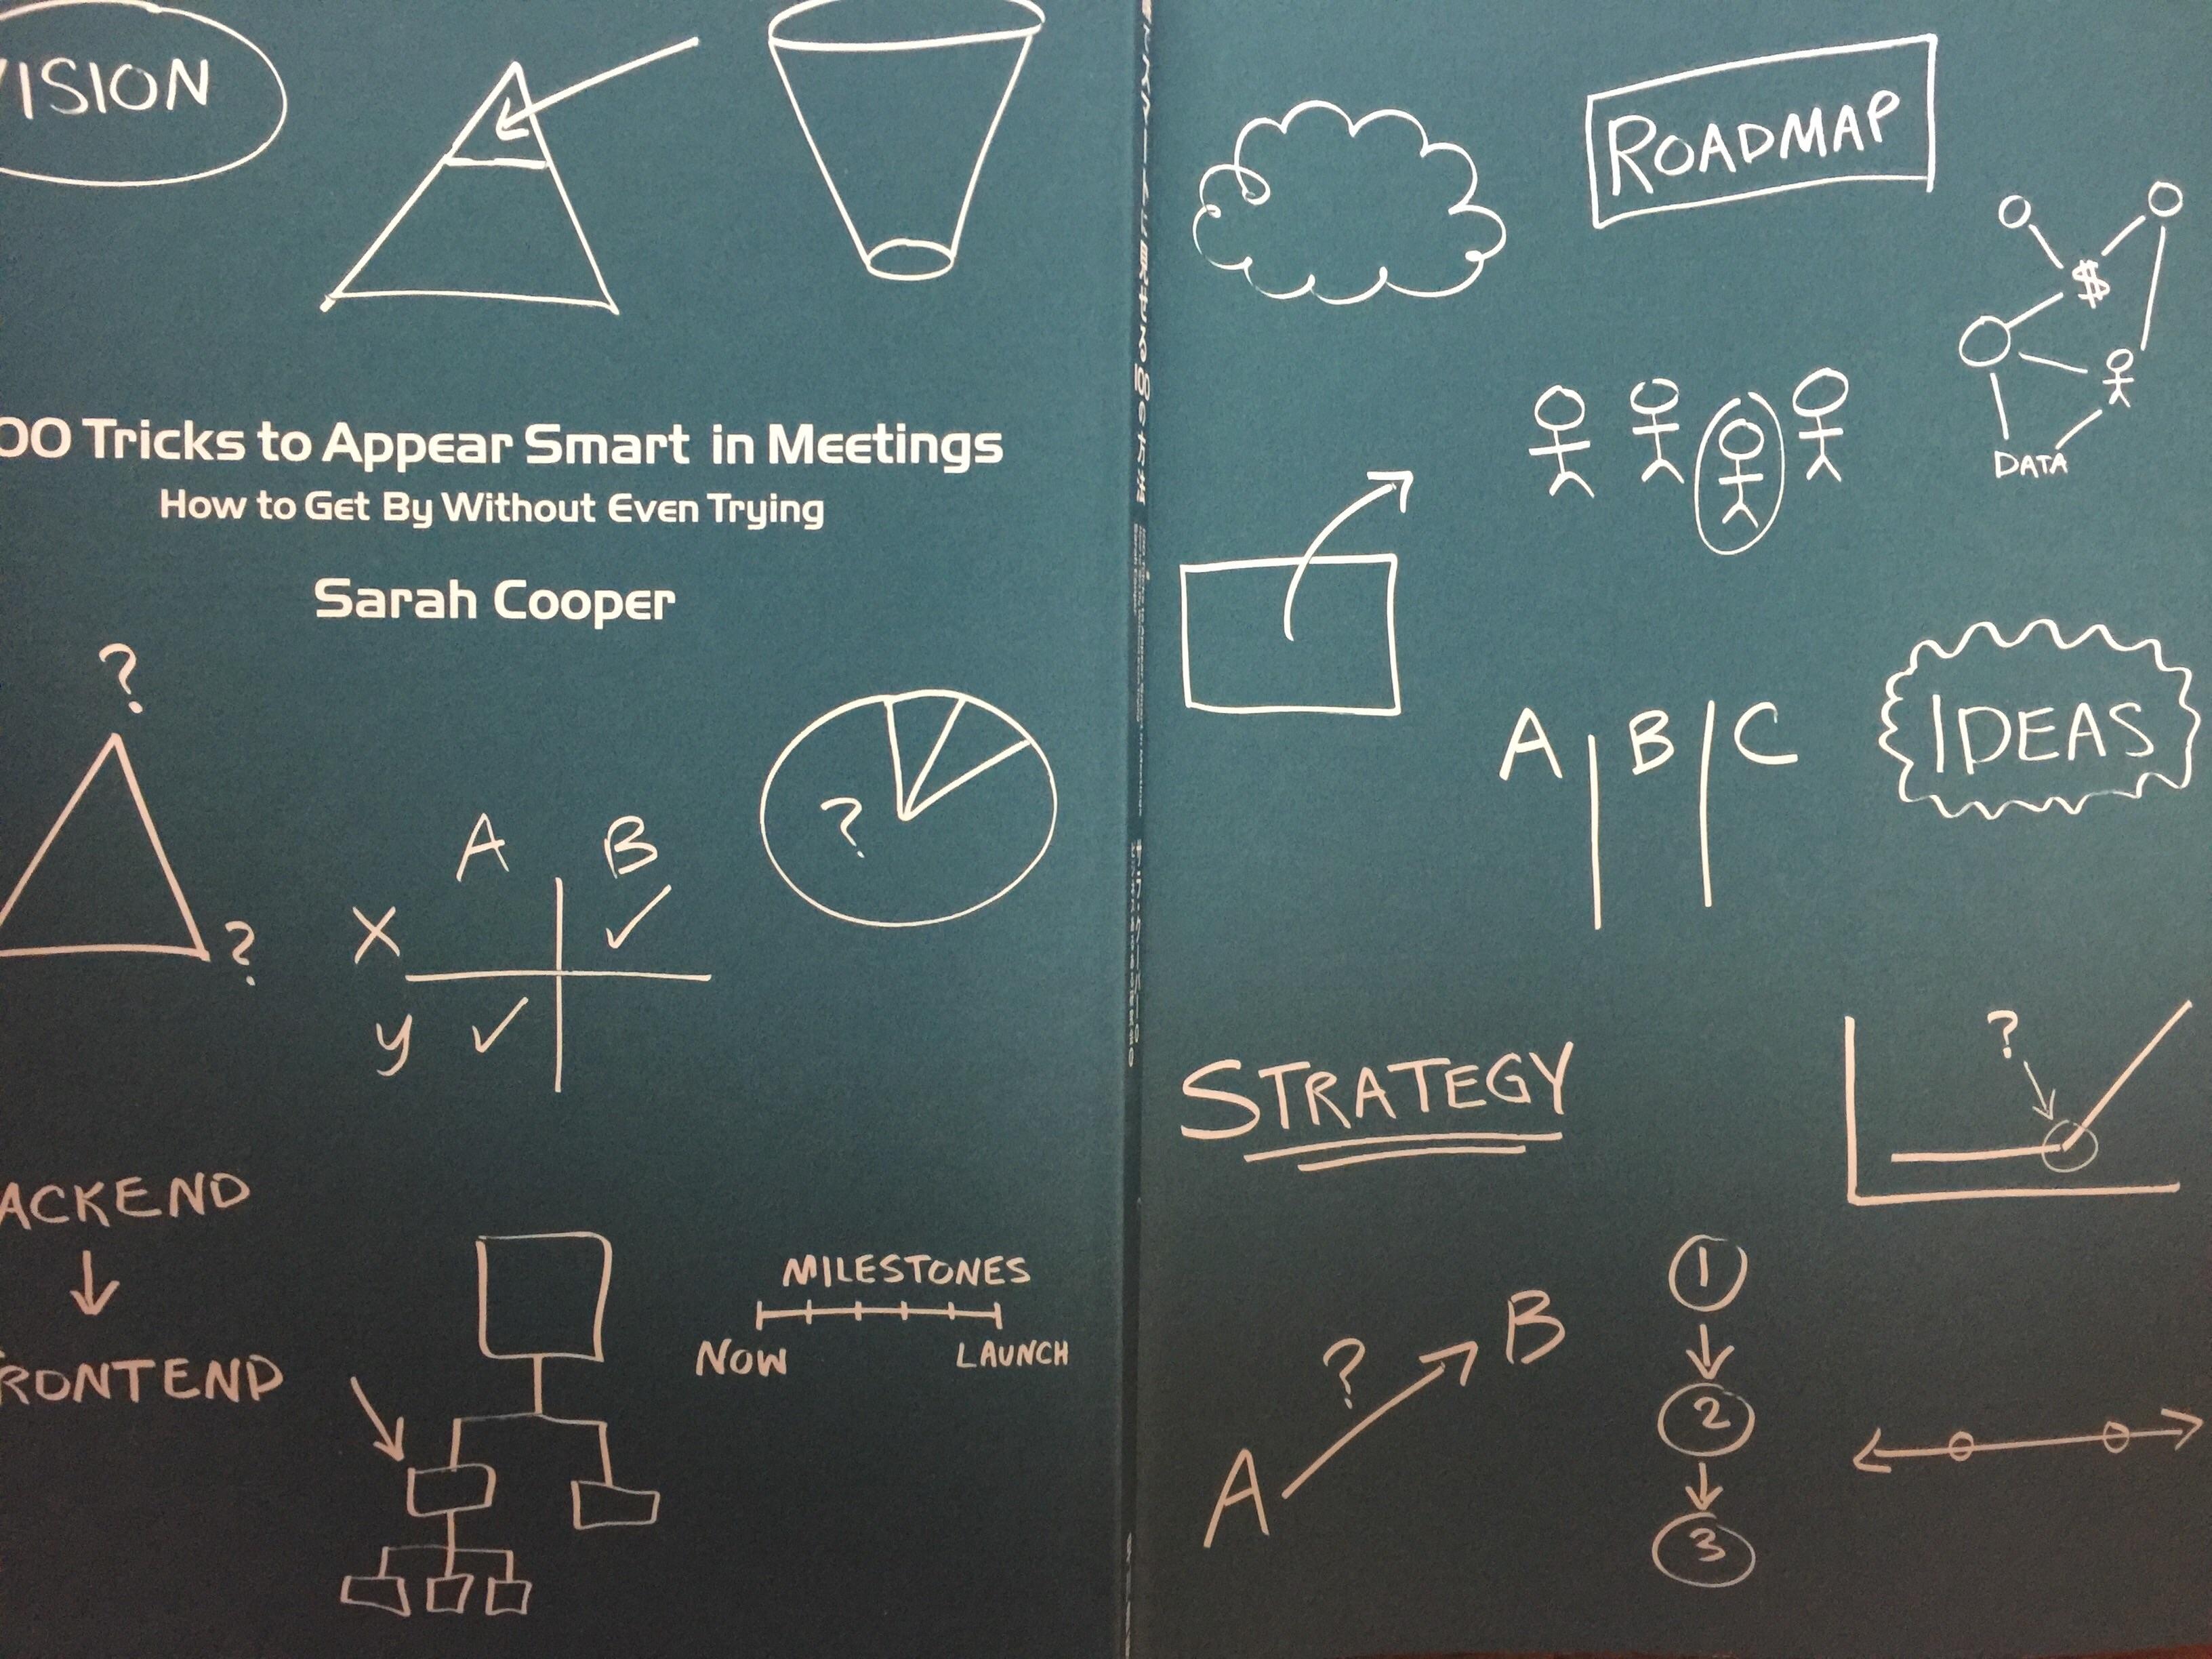 『会議でスマートに見せる100の方法』 面白い 感想